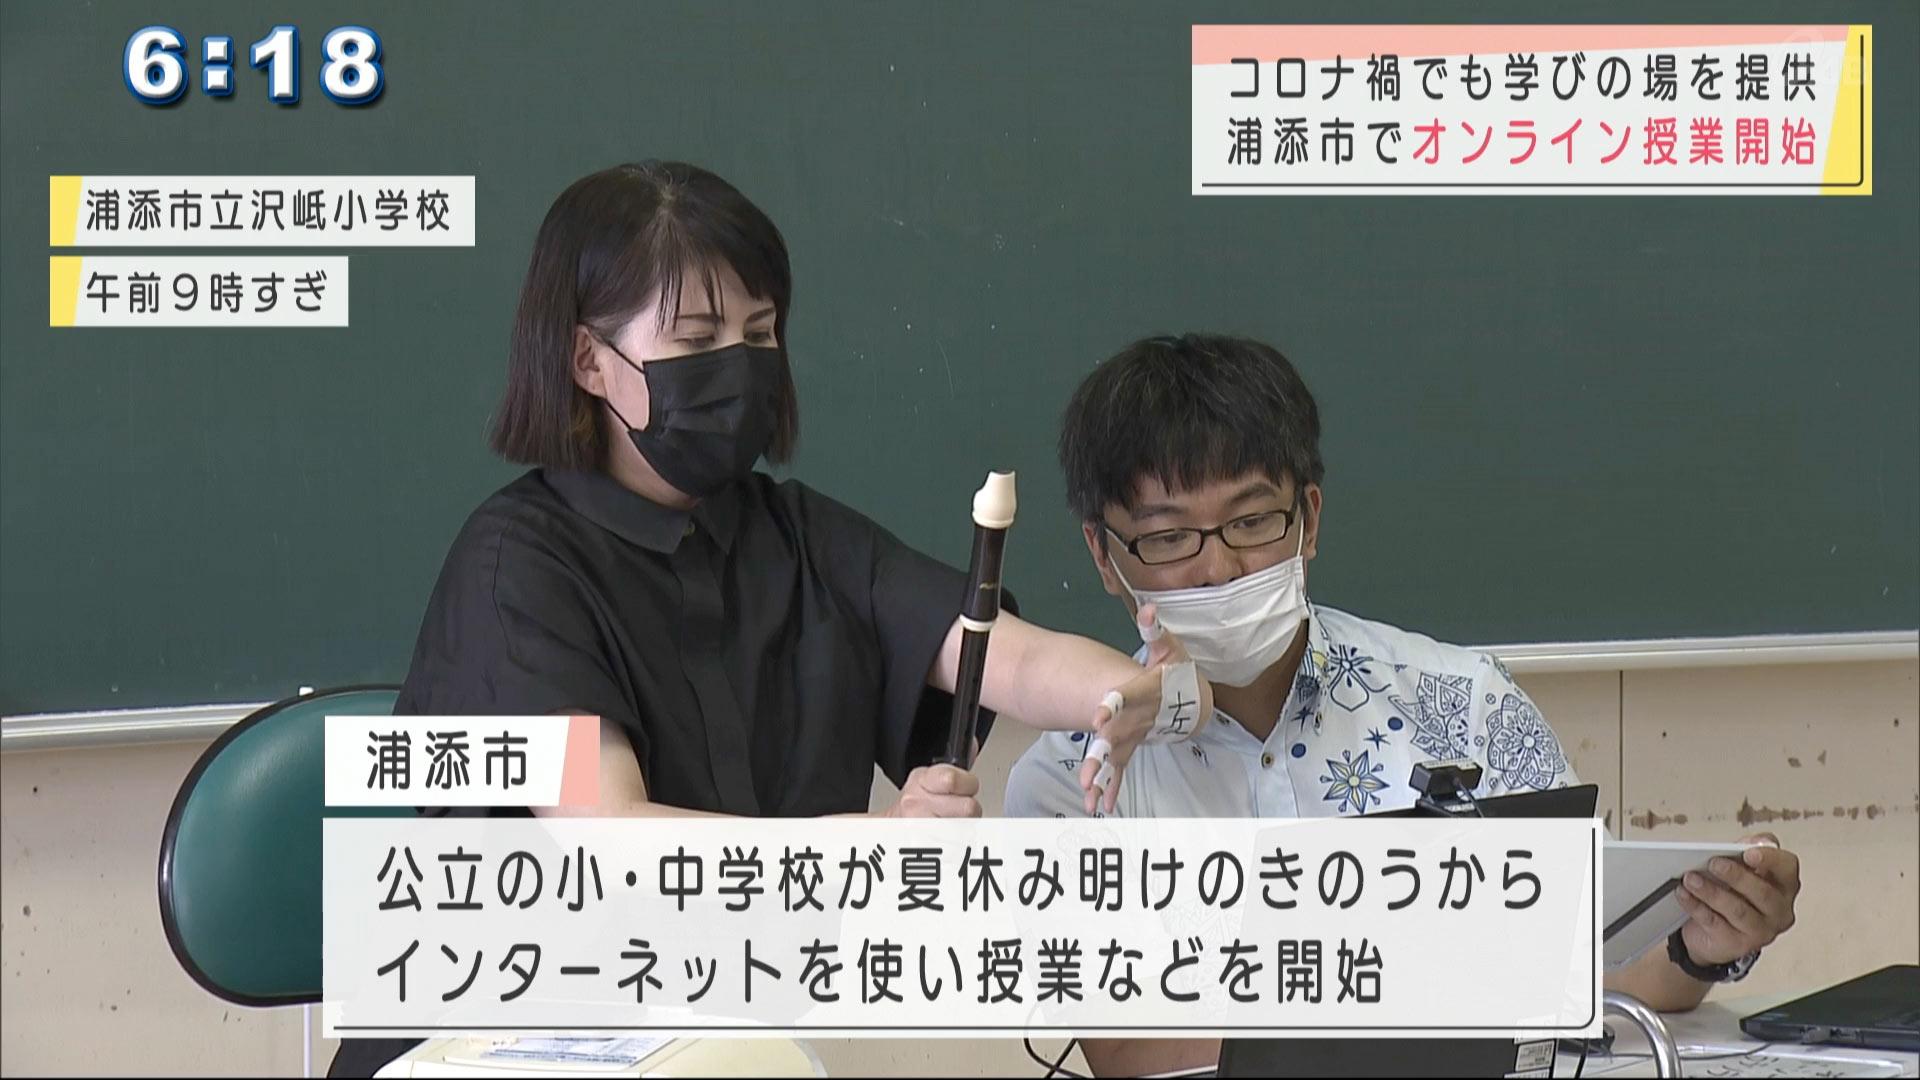 浦添市 沢岻小学校が臨時休校でオンライン授業